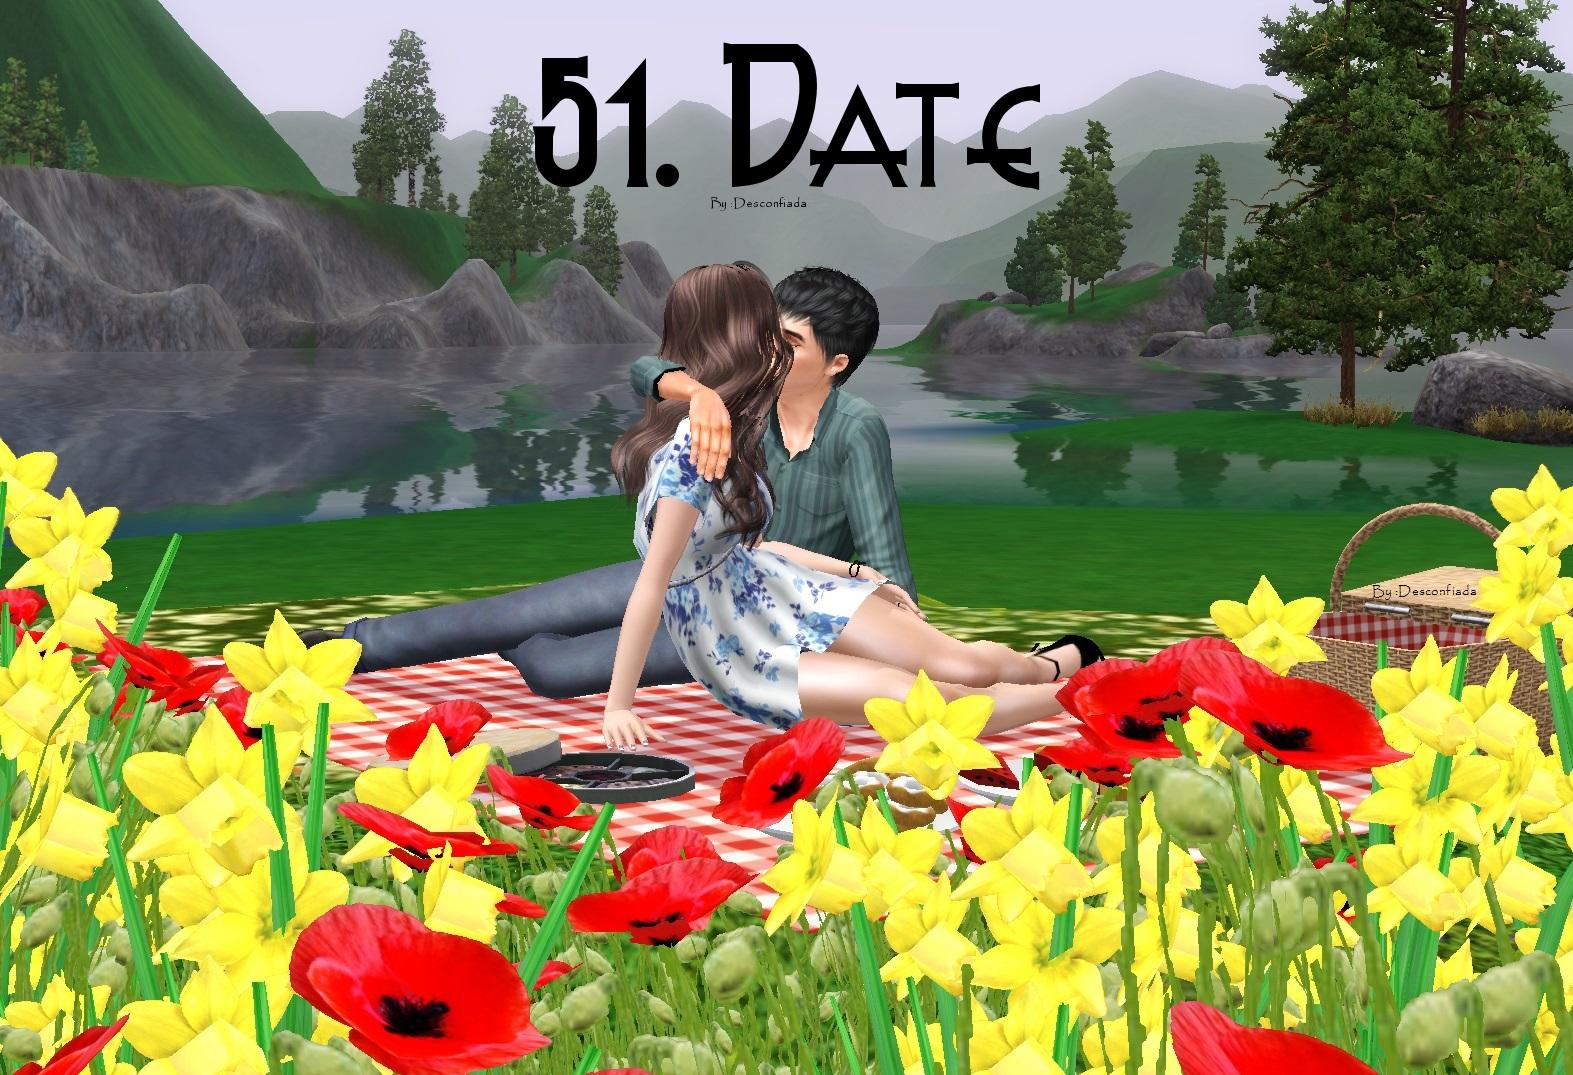 Date - 51